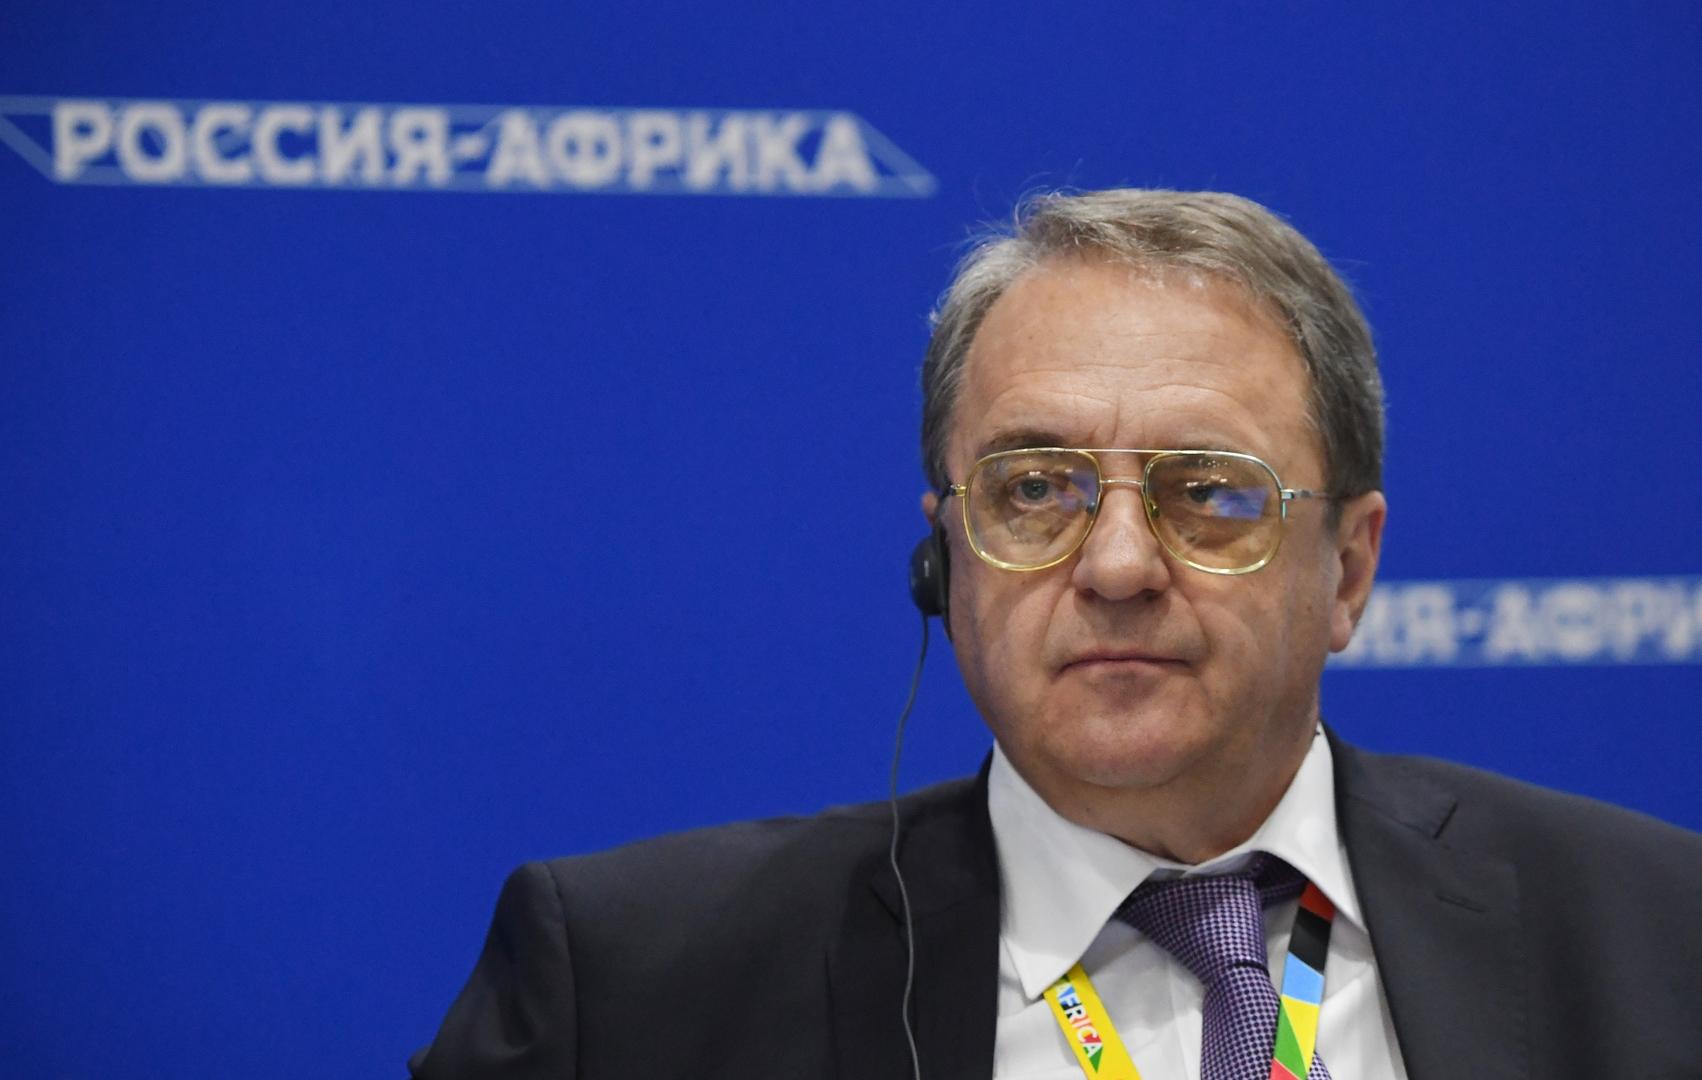 بوغدانوف يبحث مع ممثلي المنظمات الفلسطينية في دمشق عقد اجتماع فلسطيني في موسكو